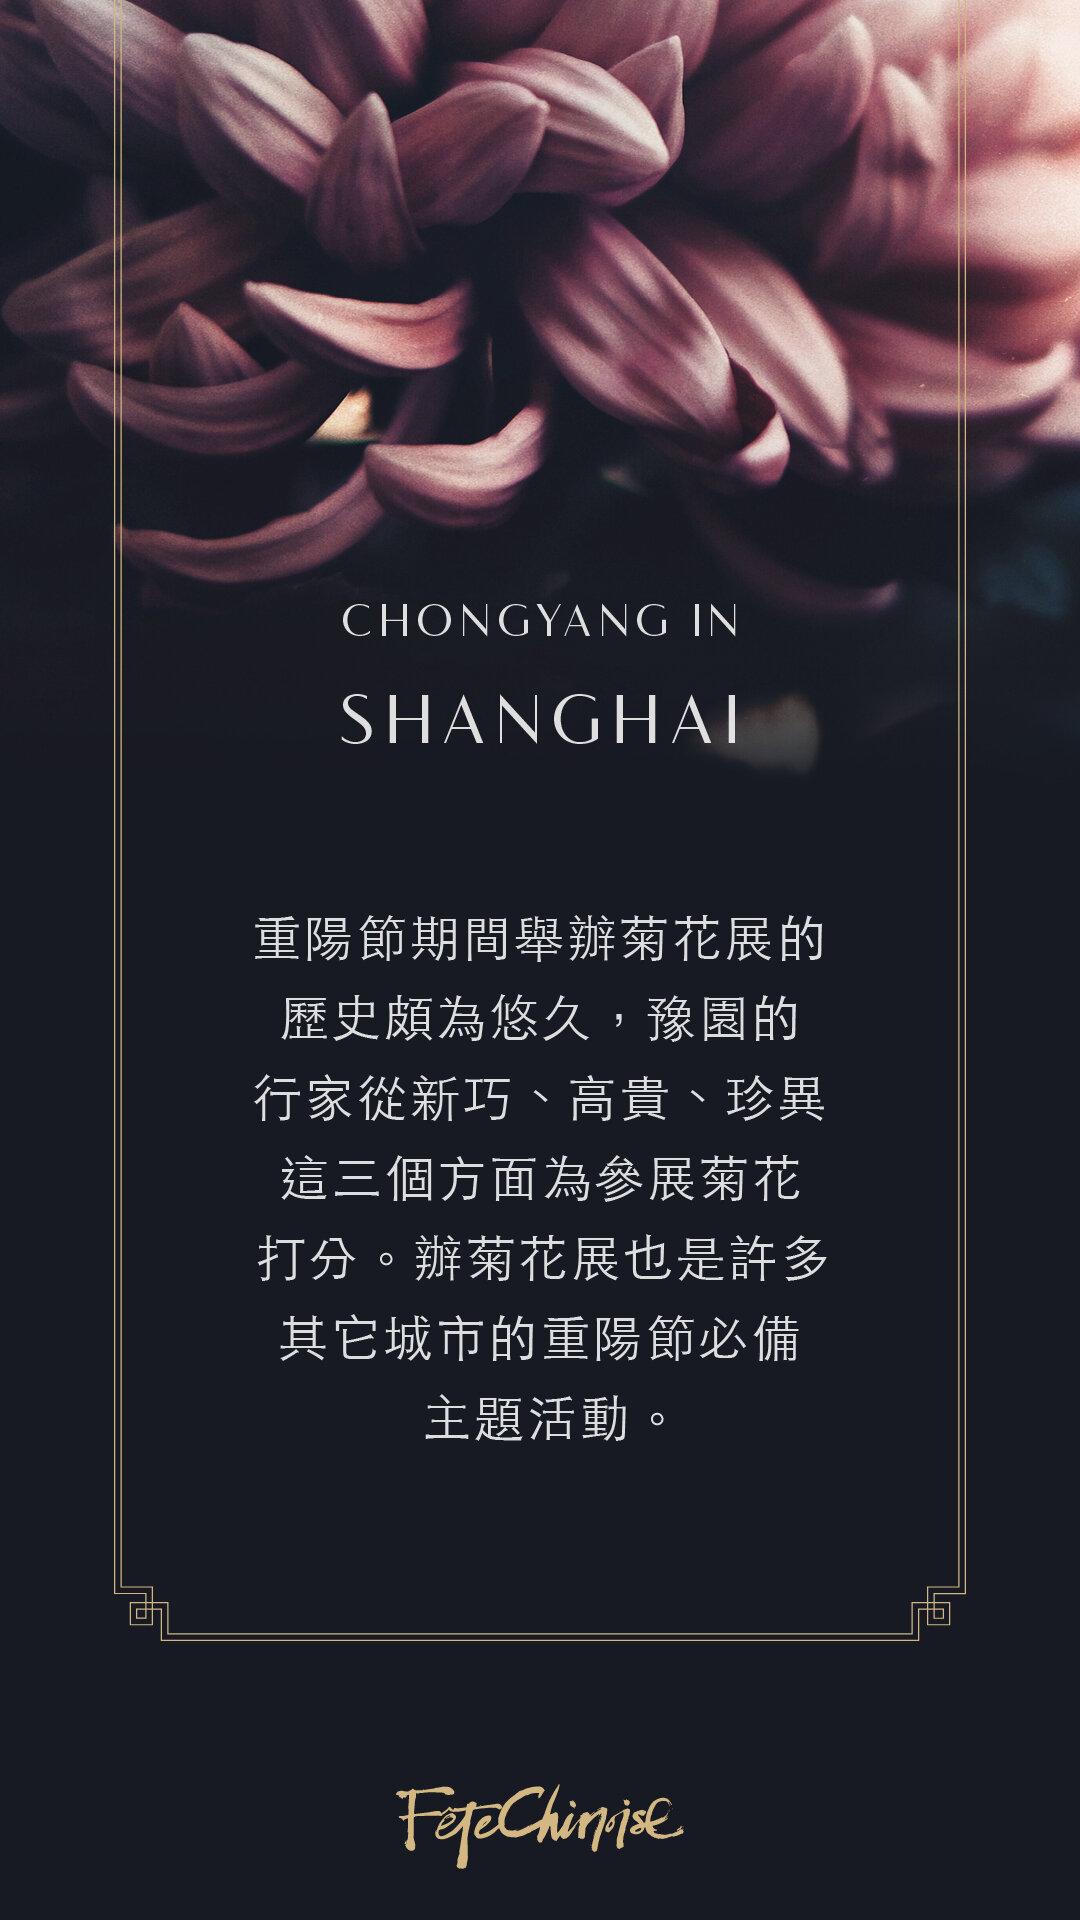 chongyang4.jpg